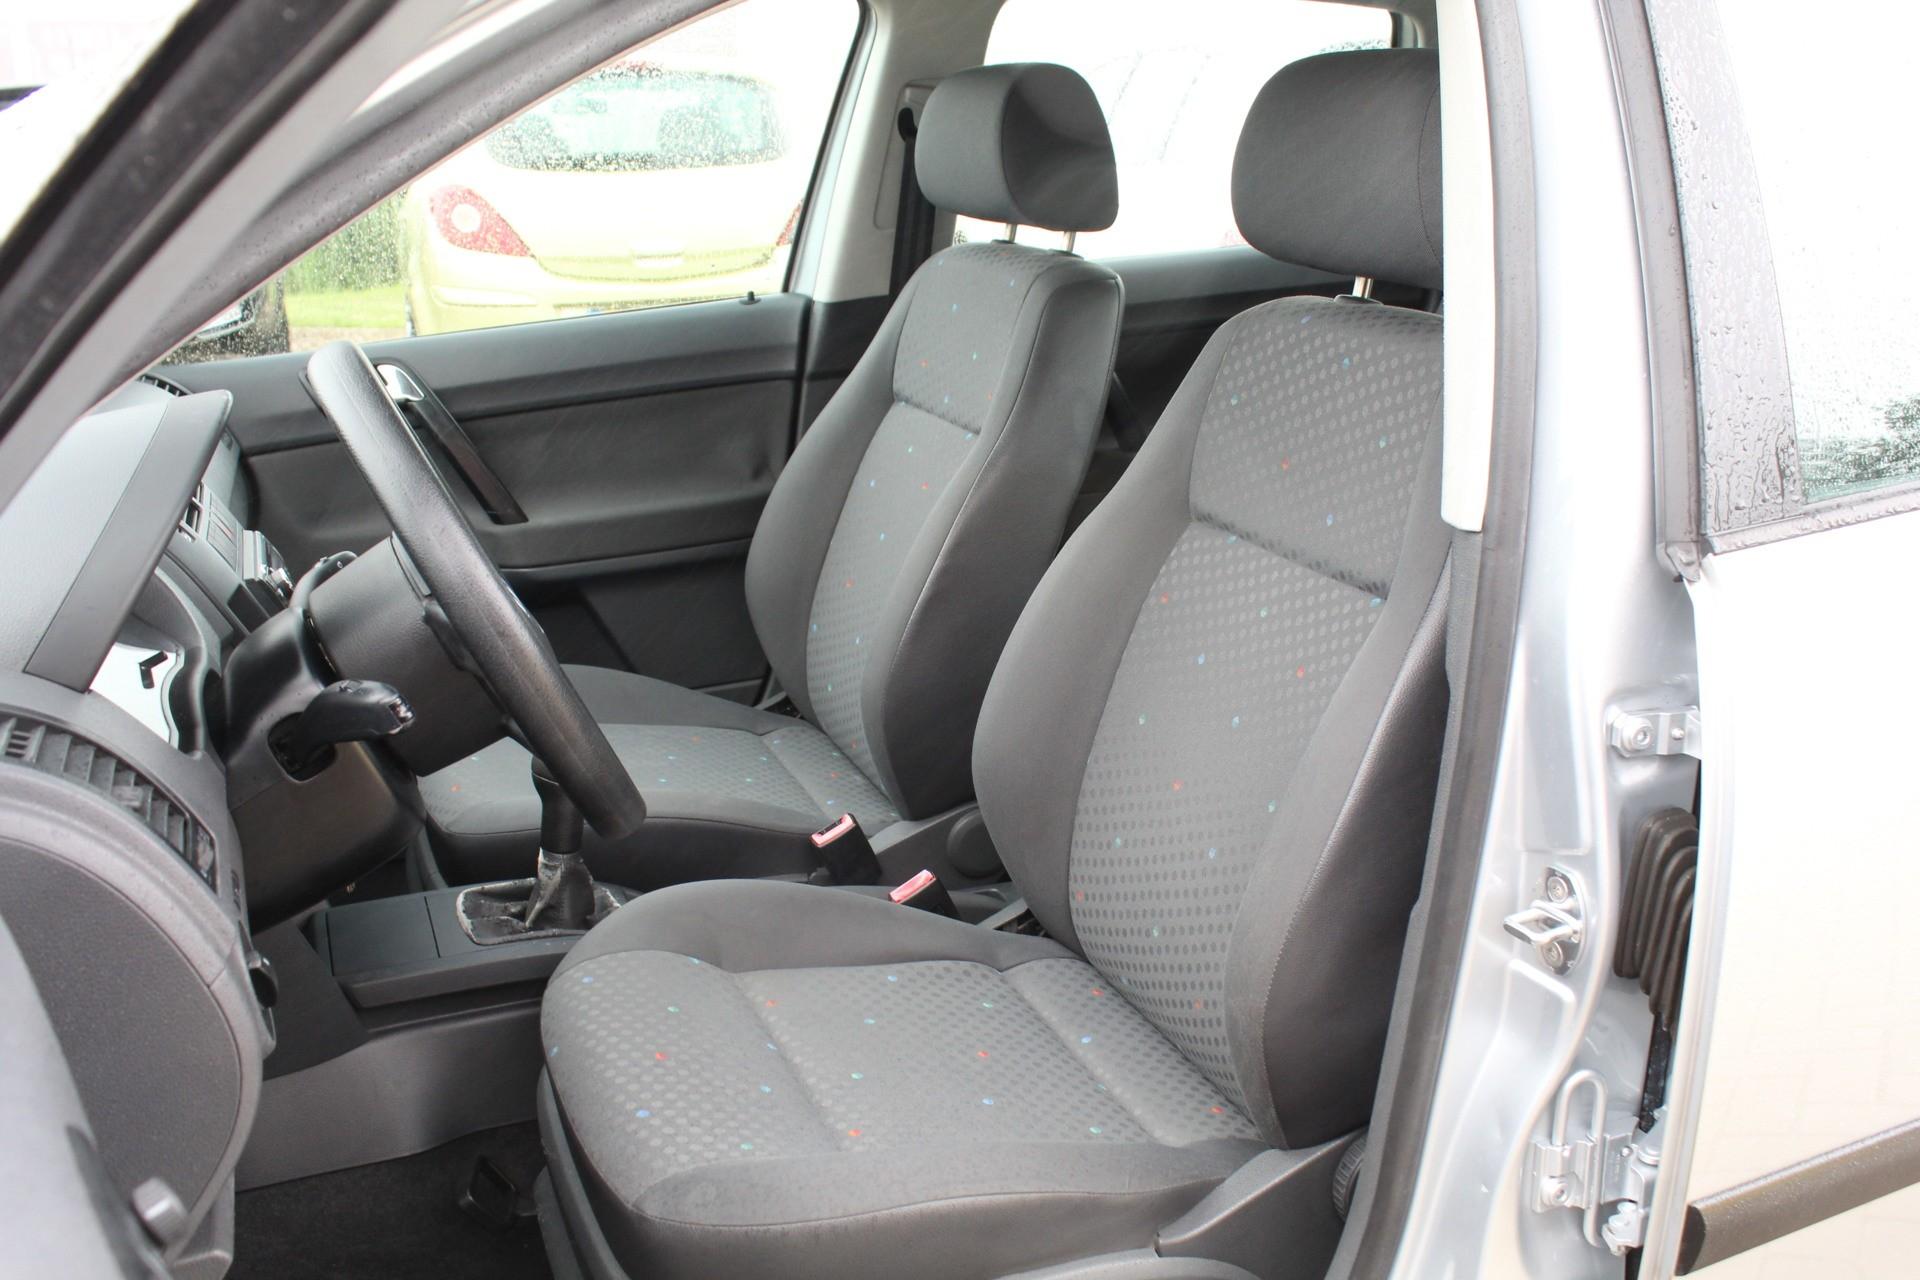 Caroutlet Groningen - Volkswagen Polo 1.4-16V Comfortline   5 DEUREN   CRUISE CONTROL 